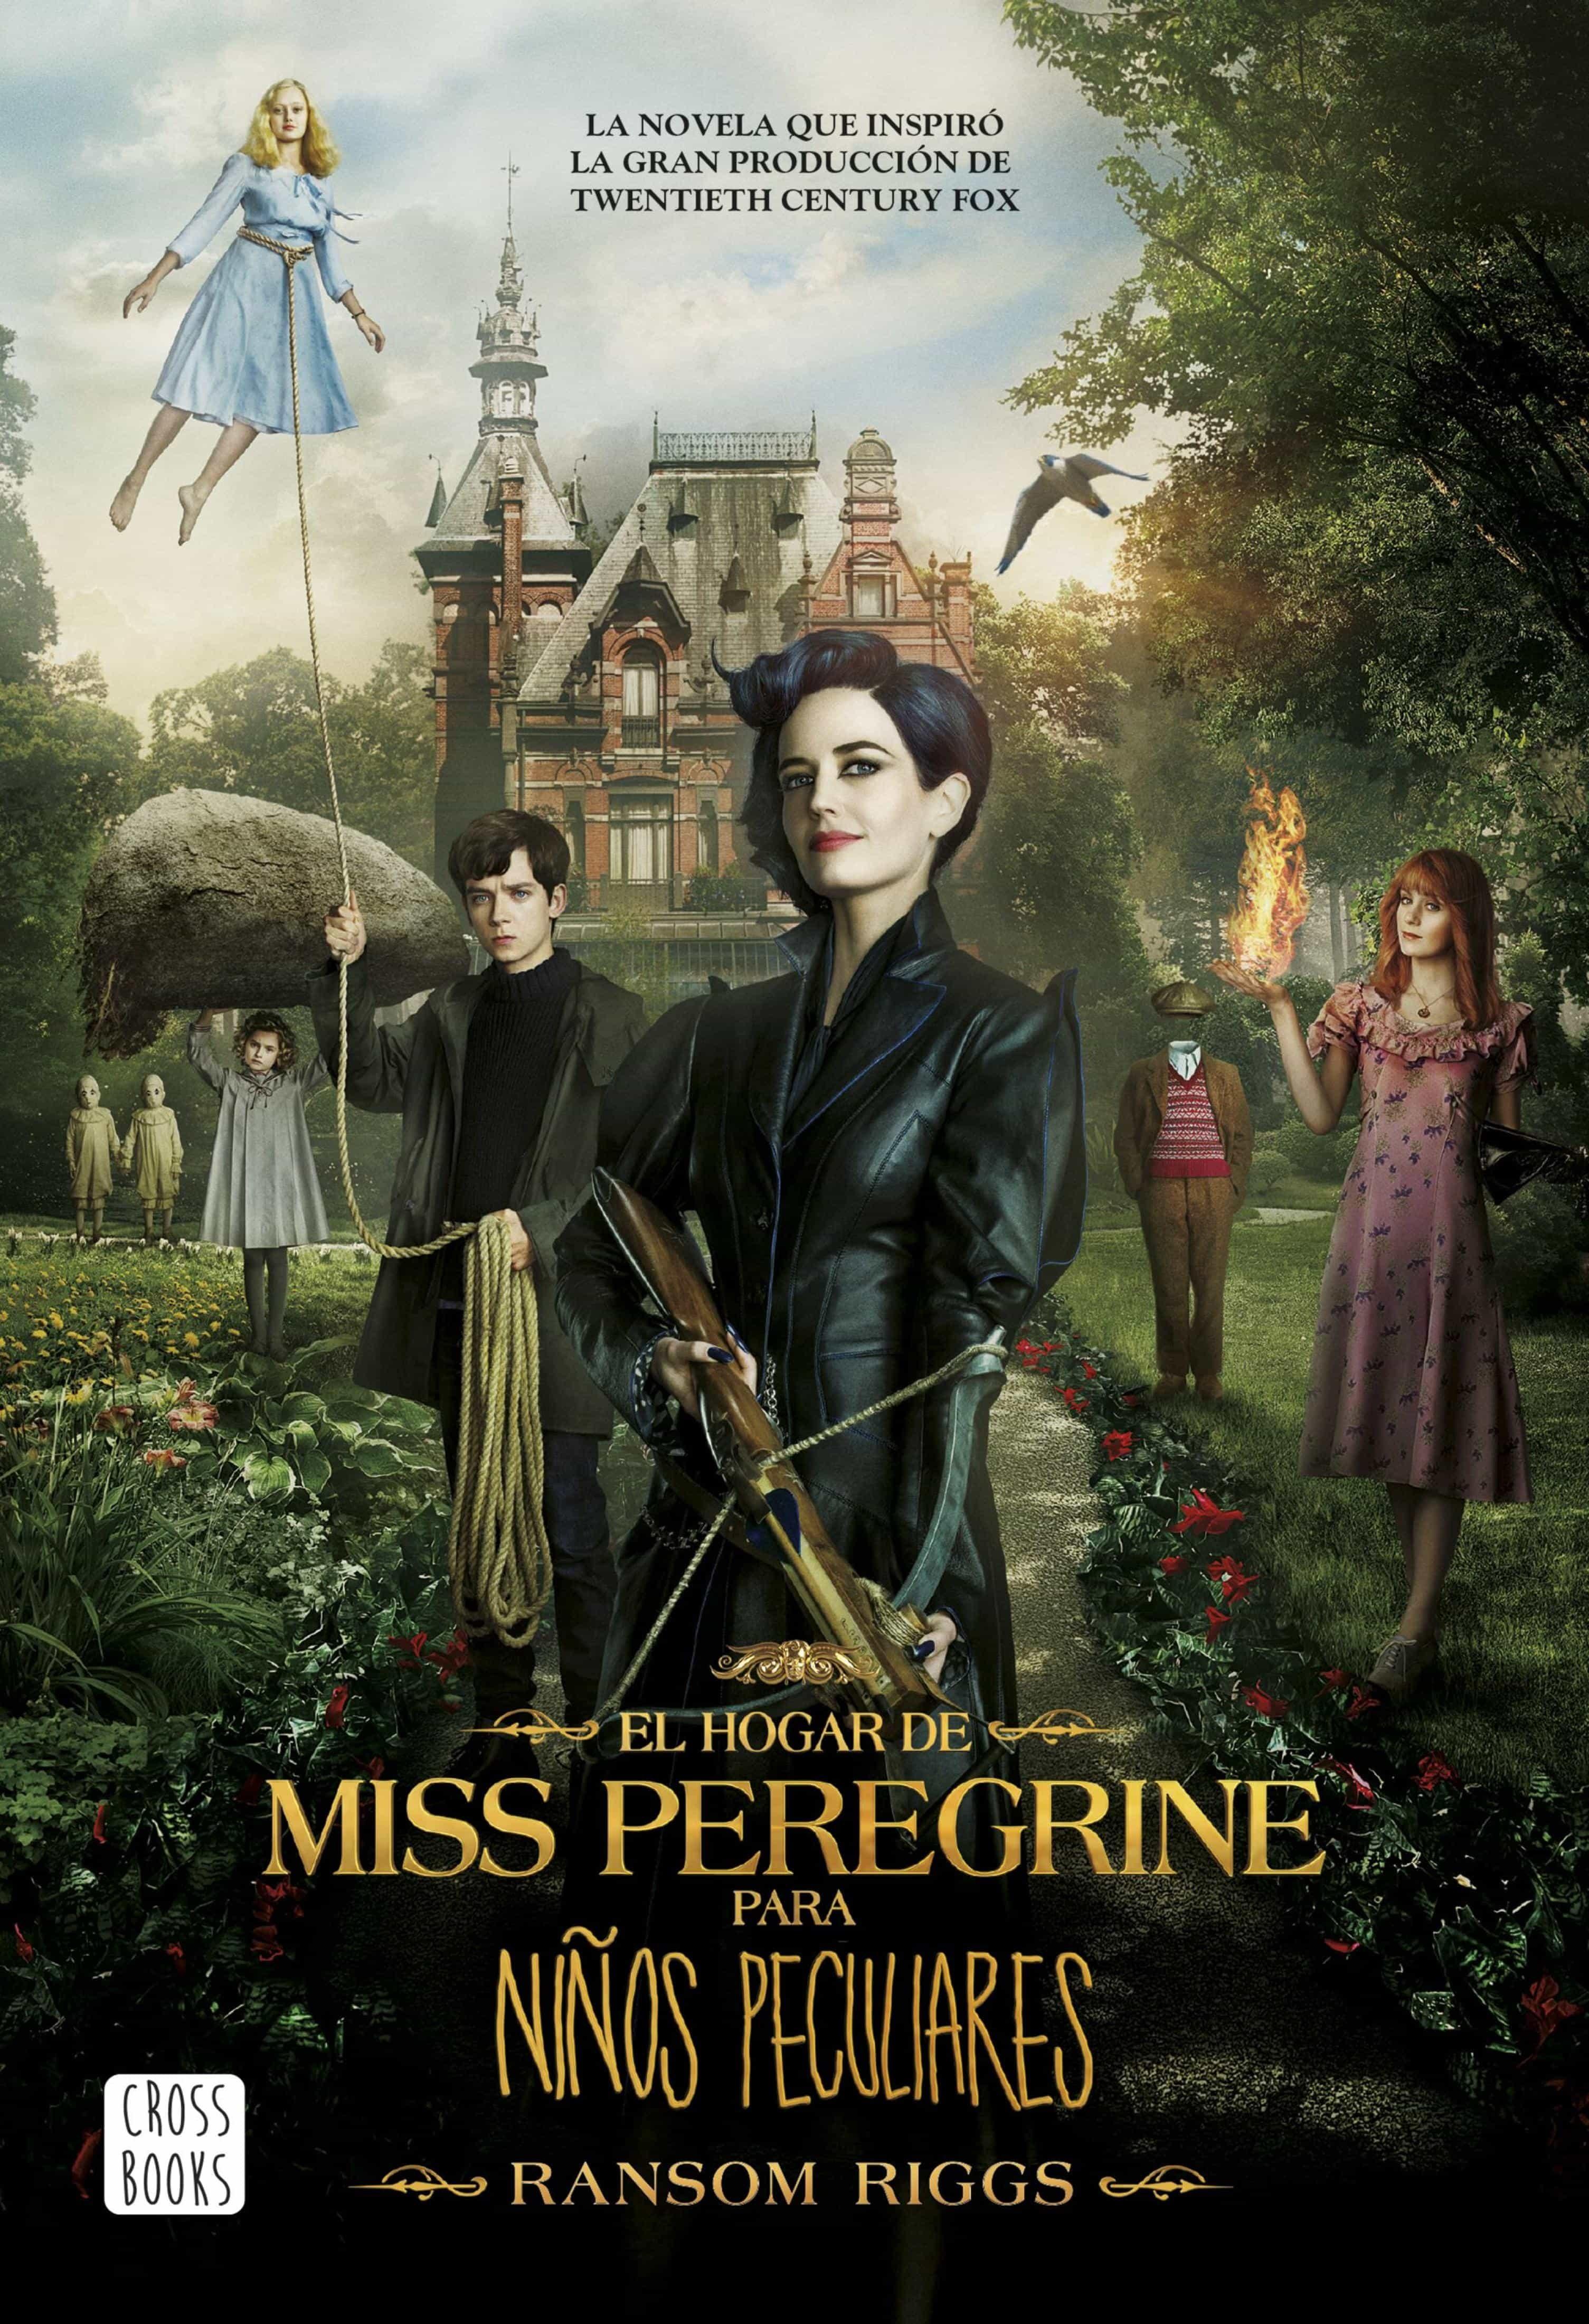 El Hogar De Miss Peregrine Para Niños Peculiares   por Ransom Riggs